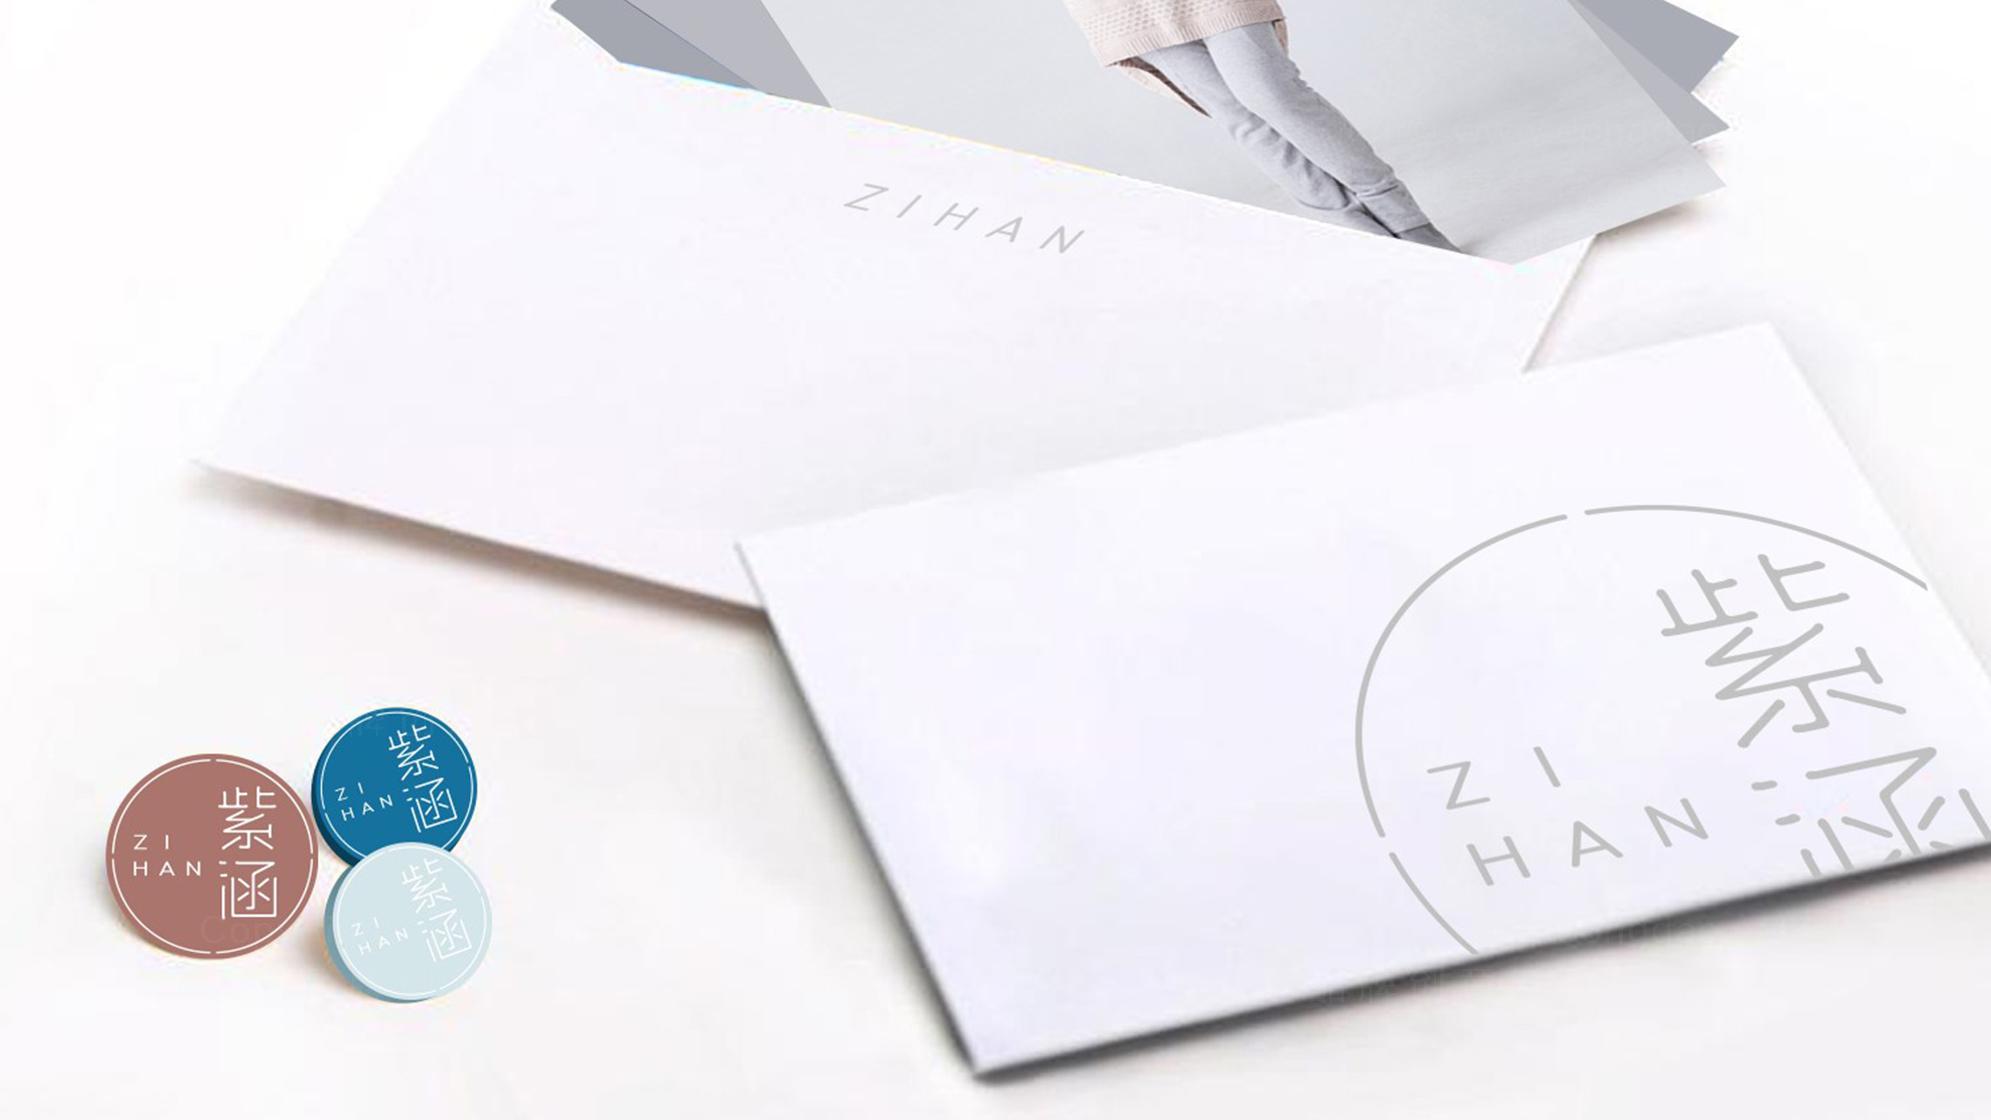 品牌设计紫涵LOGO&VI设计应用场景_3